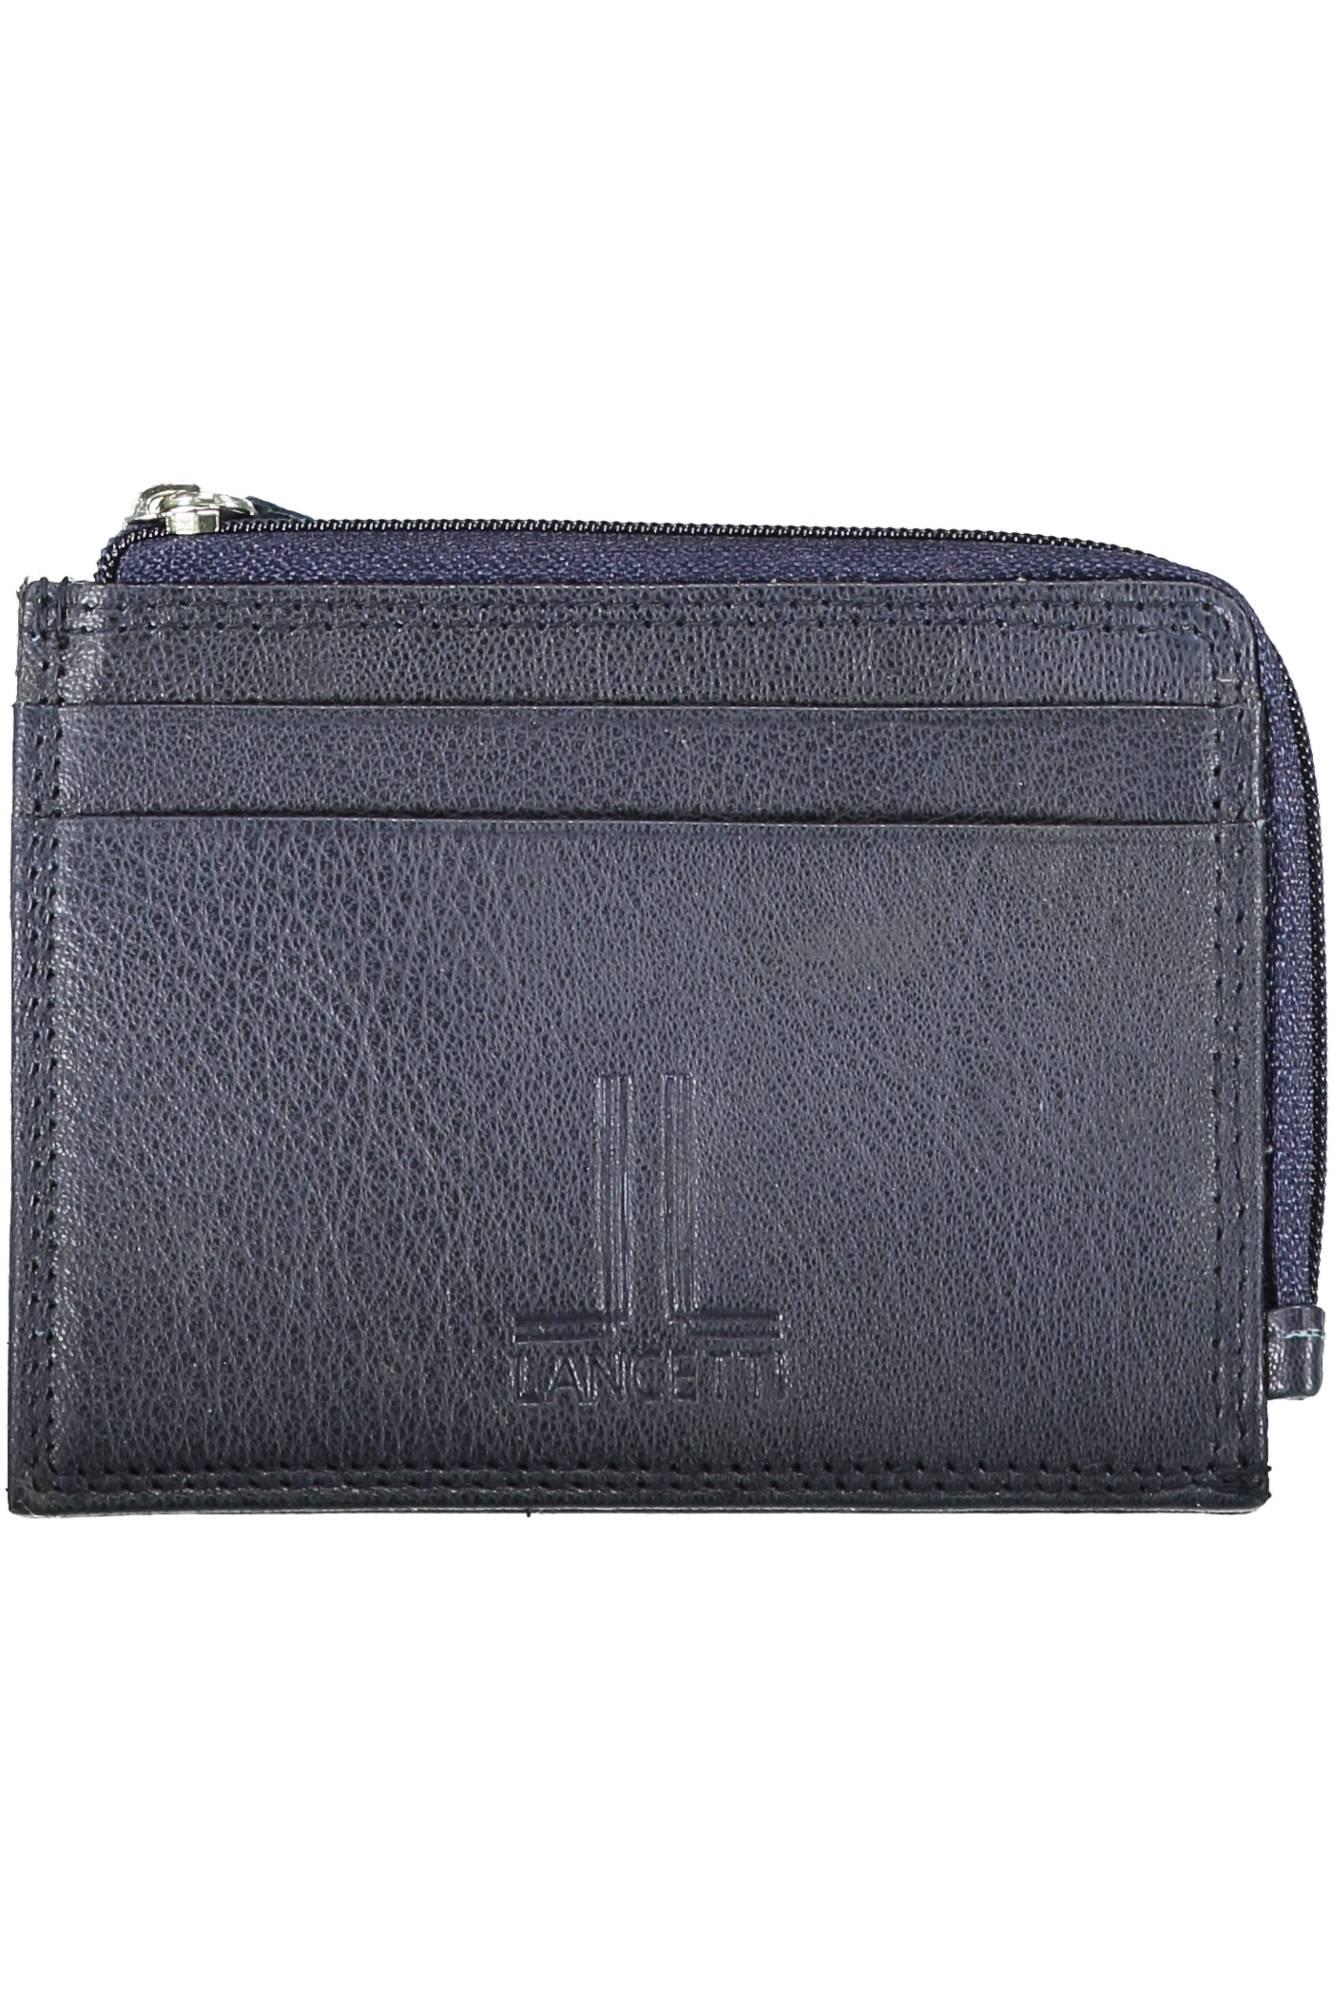 LANCETTI peněženka BLU